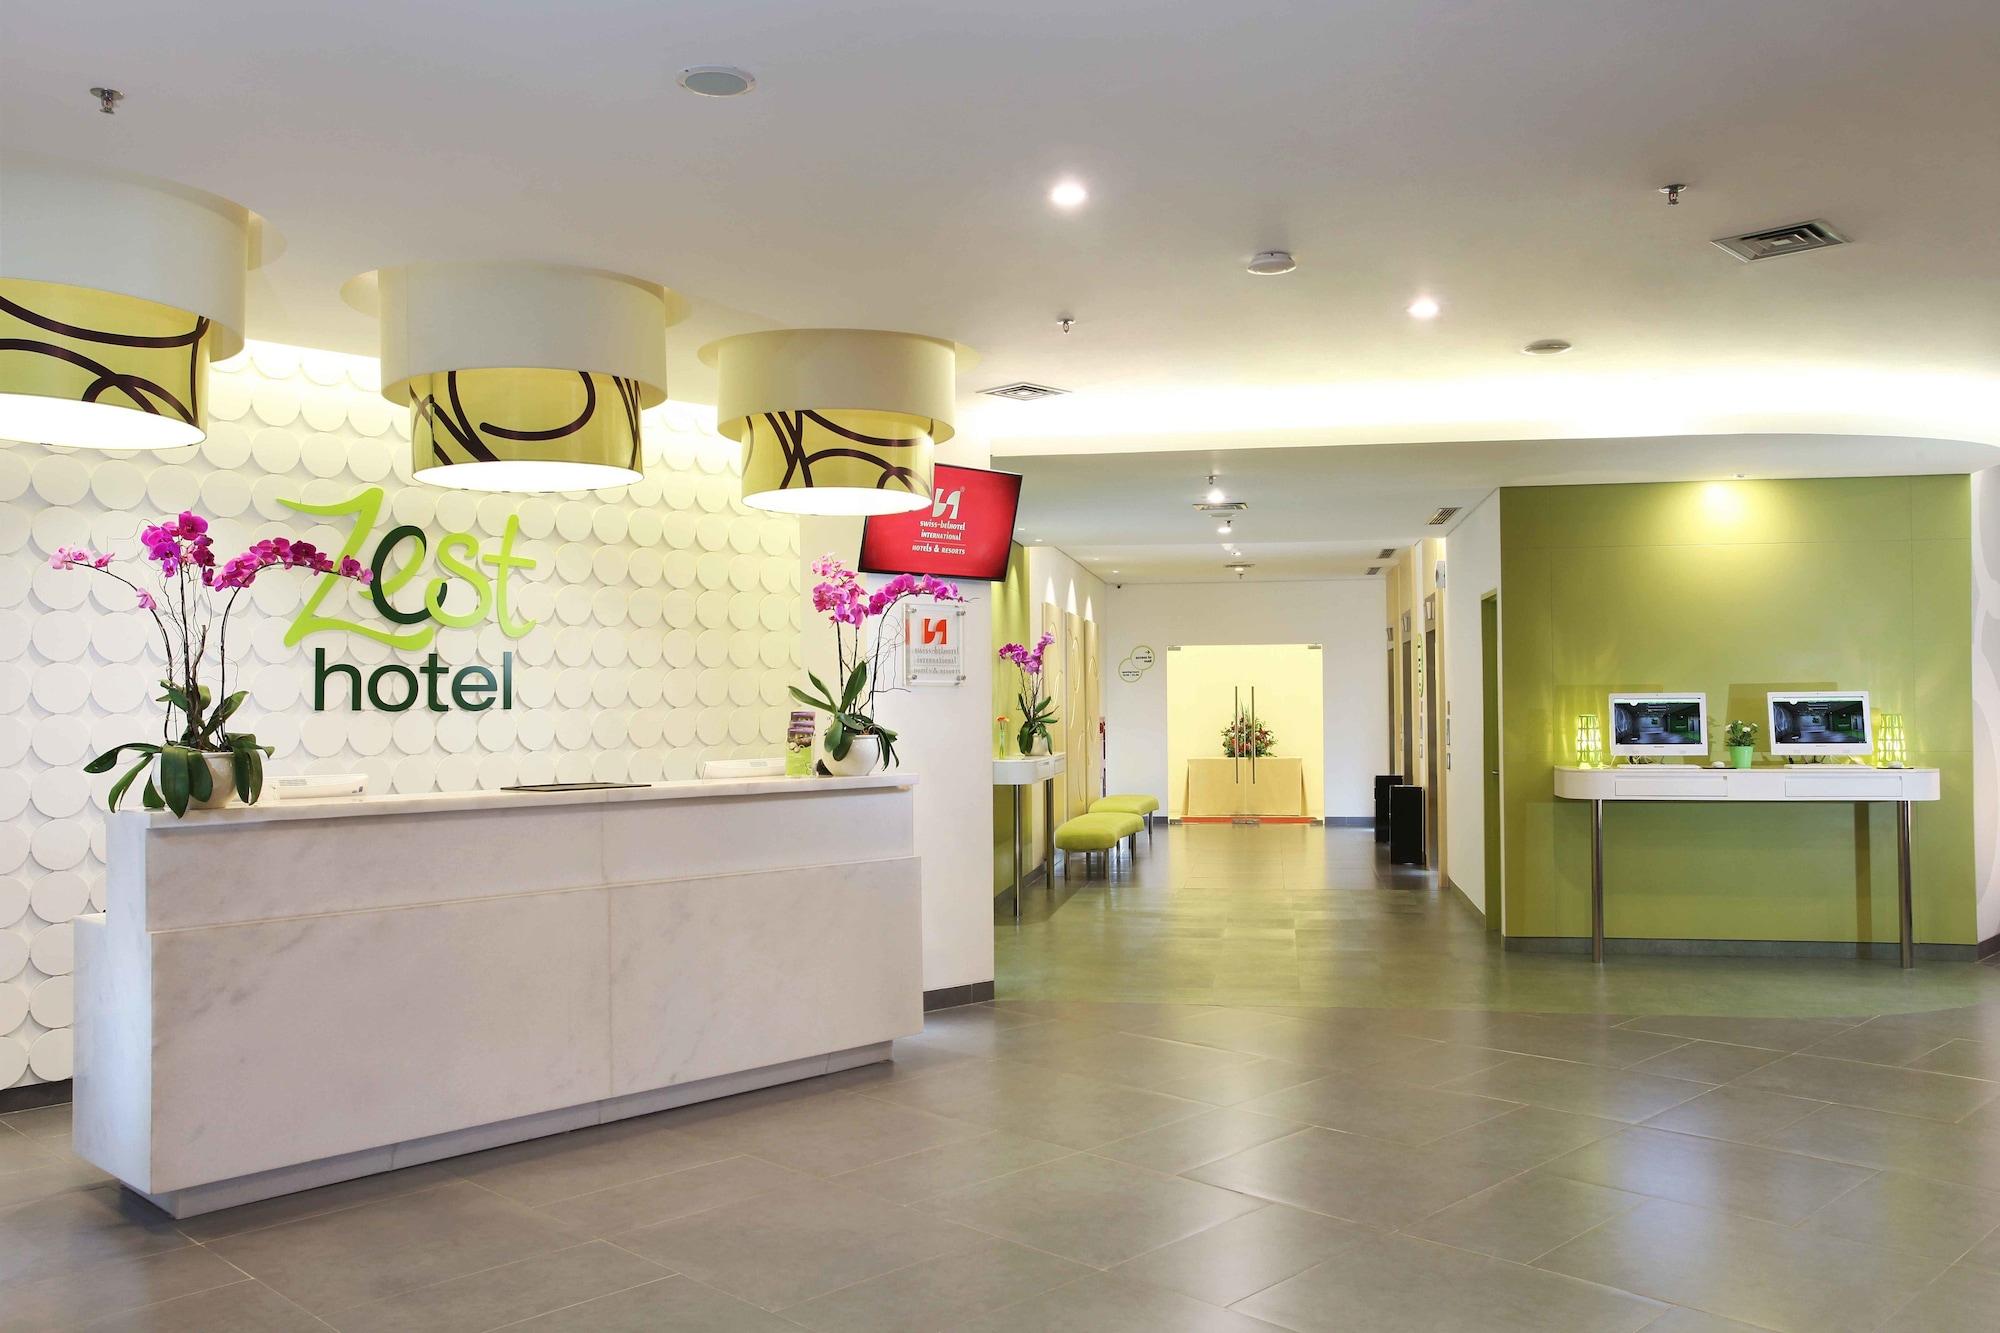 Zest Hotel Airport Jakarta, Tangerang